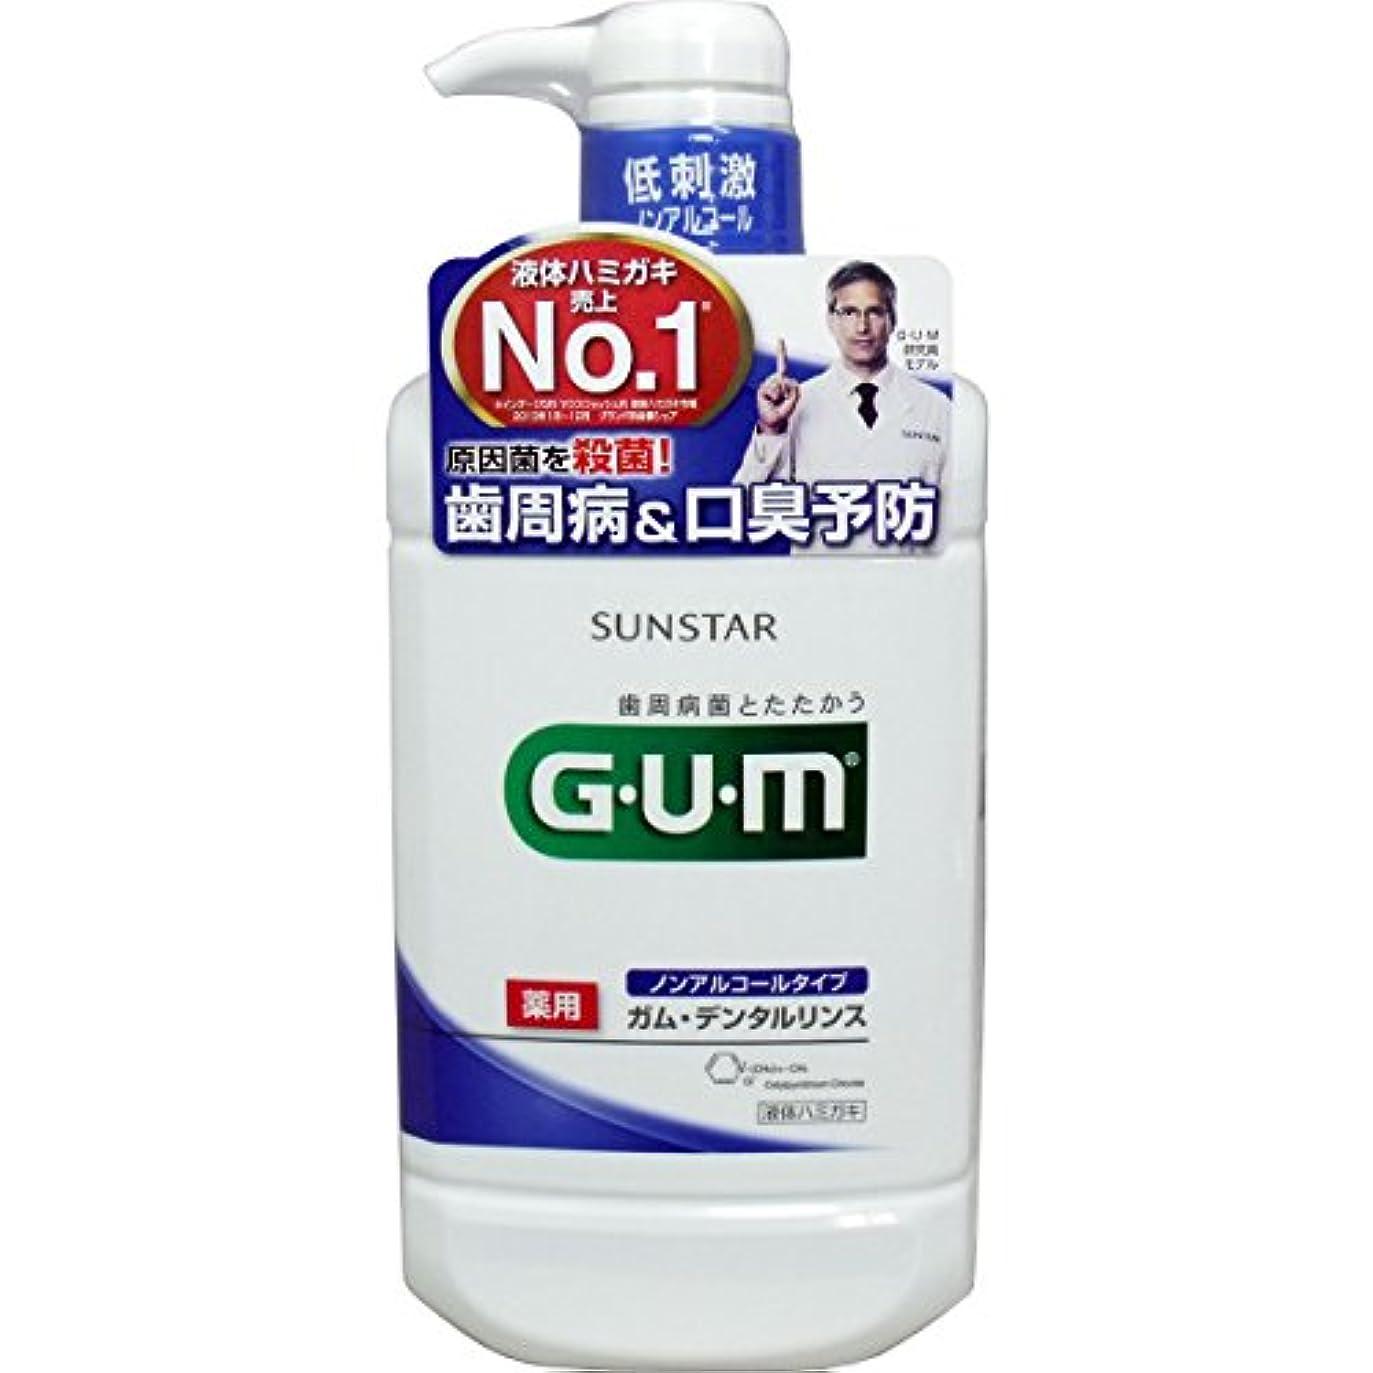 支給最も早い作家【まとめ買い】GUM(ガム)?デンタルリンス (ノンアルコールタイプ) 960mL (医薬部外品)×3個